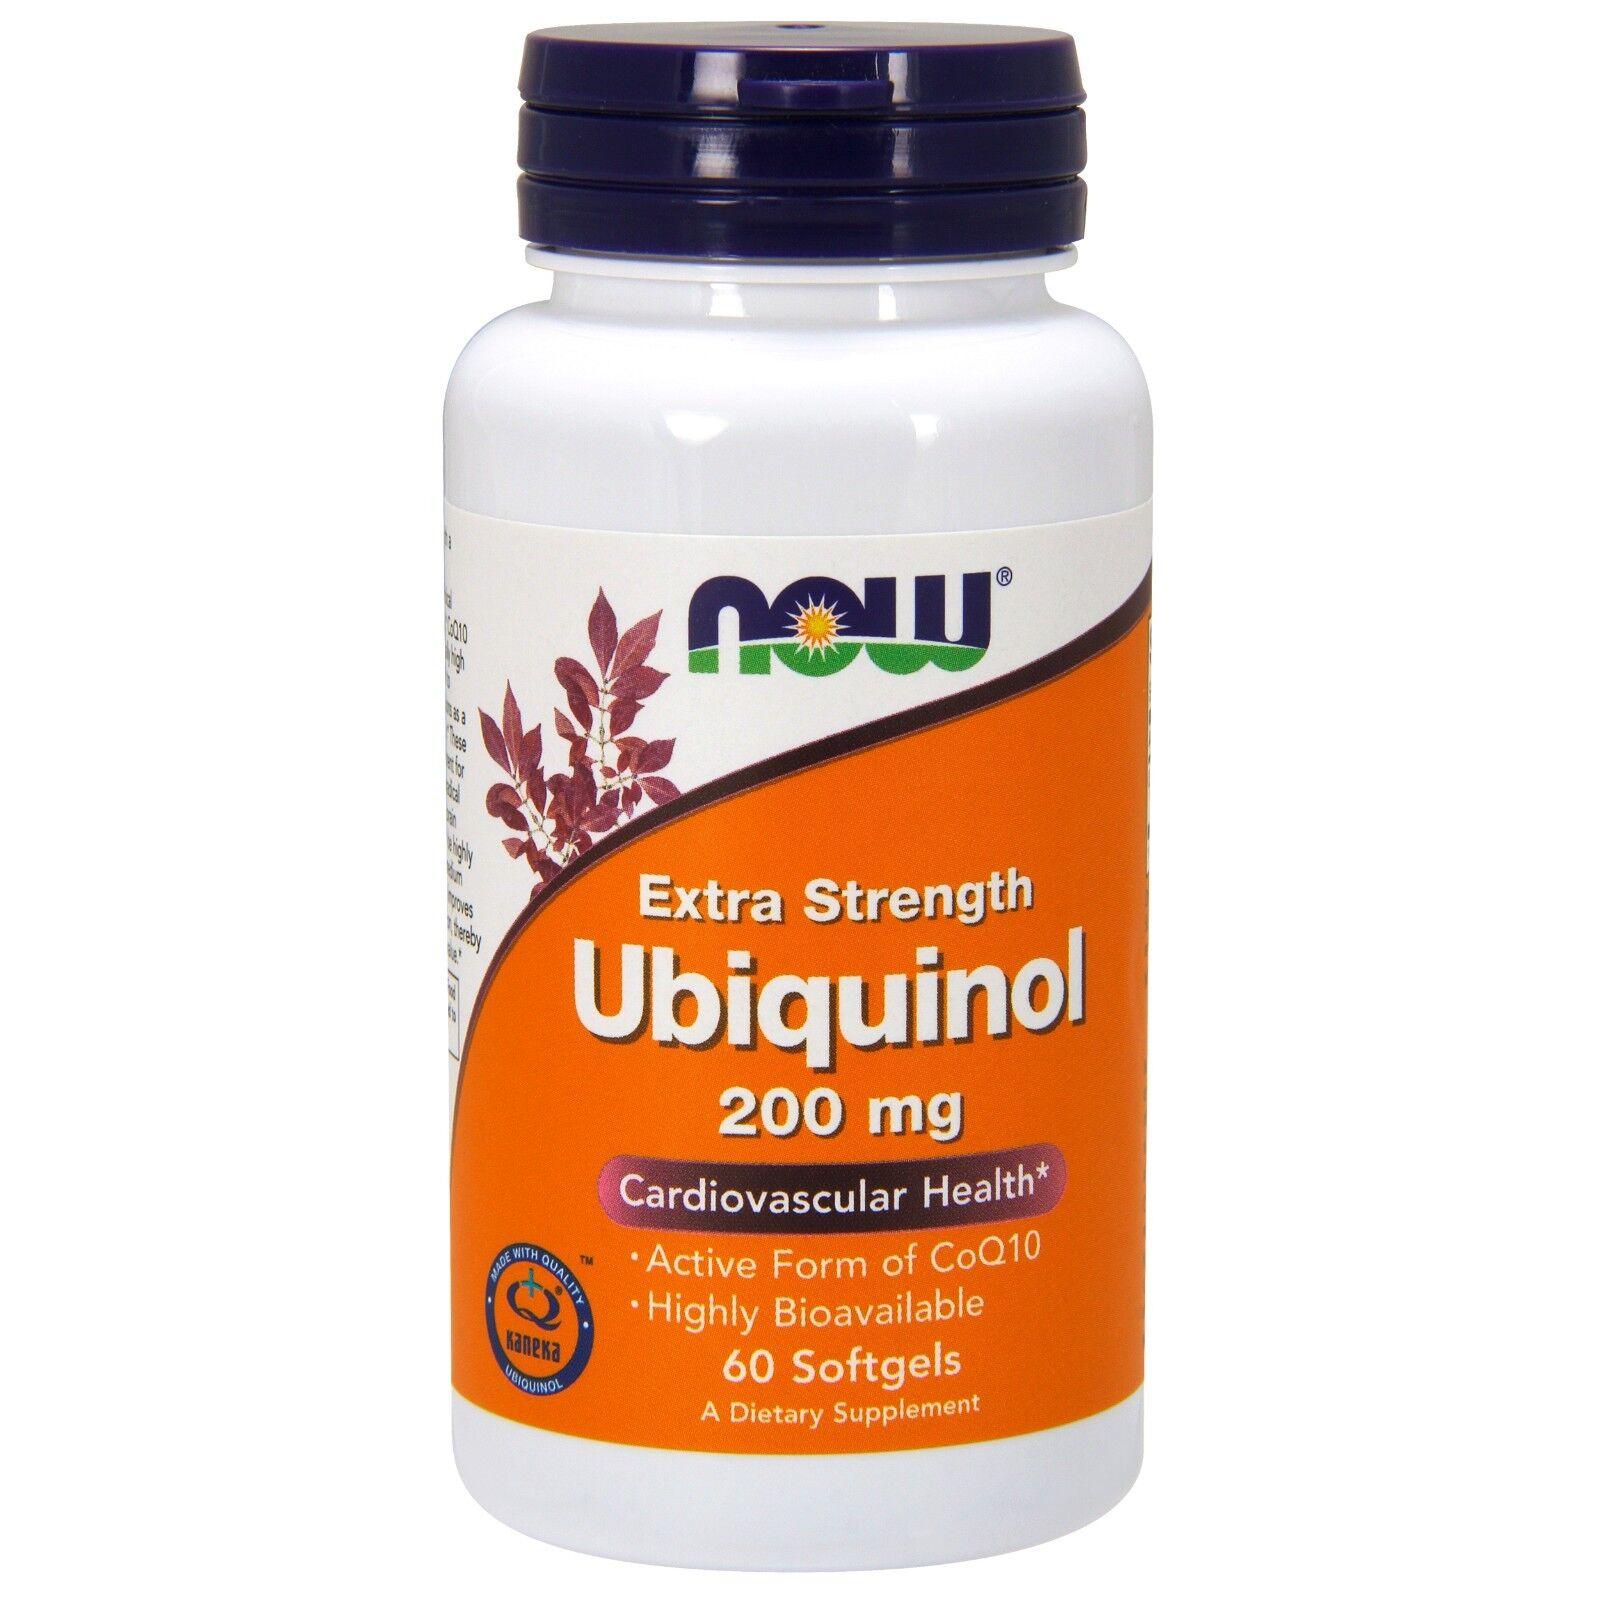 NOW Foods Ubiquinol, Extra Strength, 200 mg, 60 Softgels